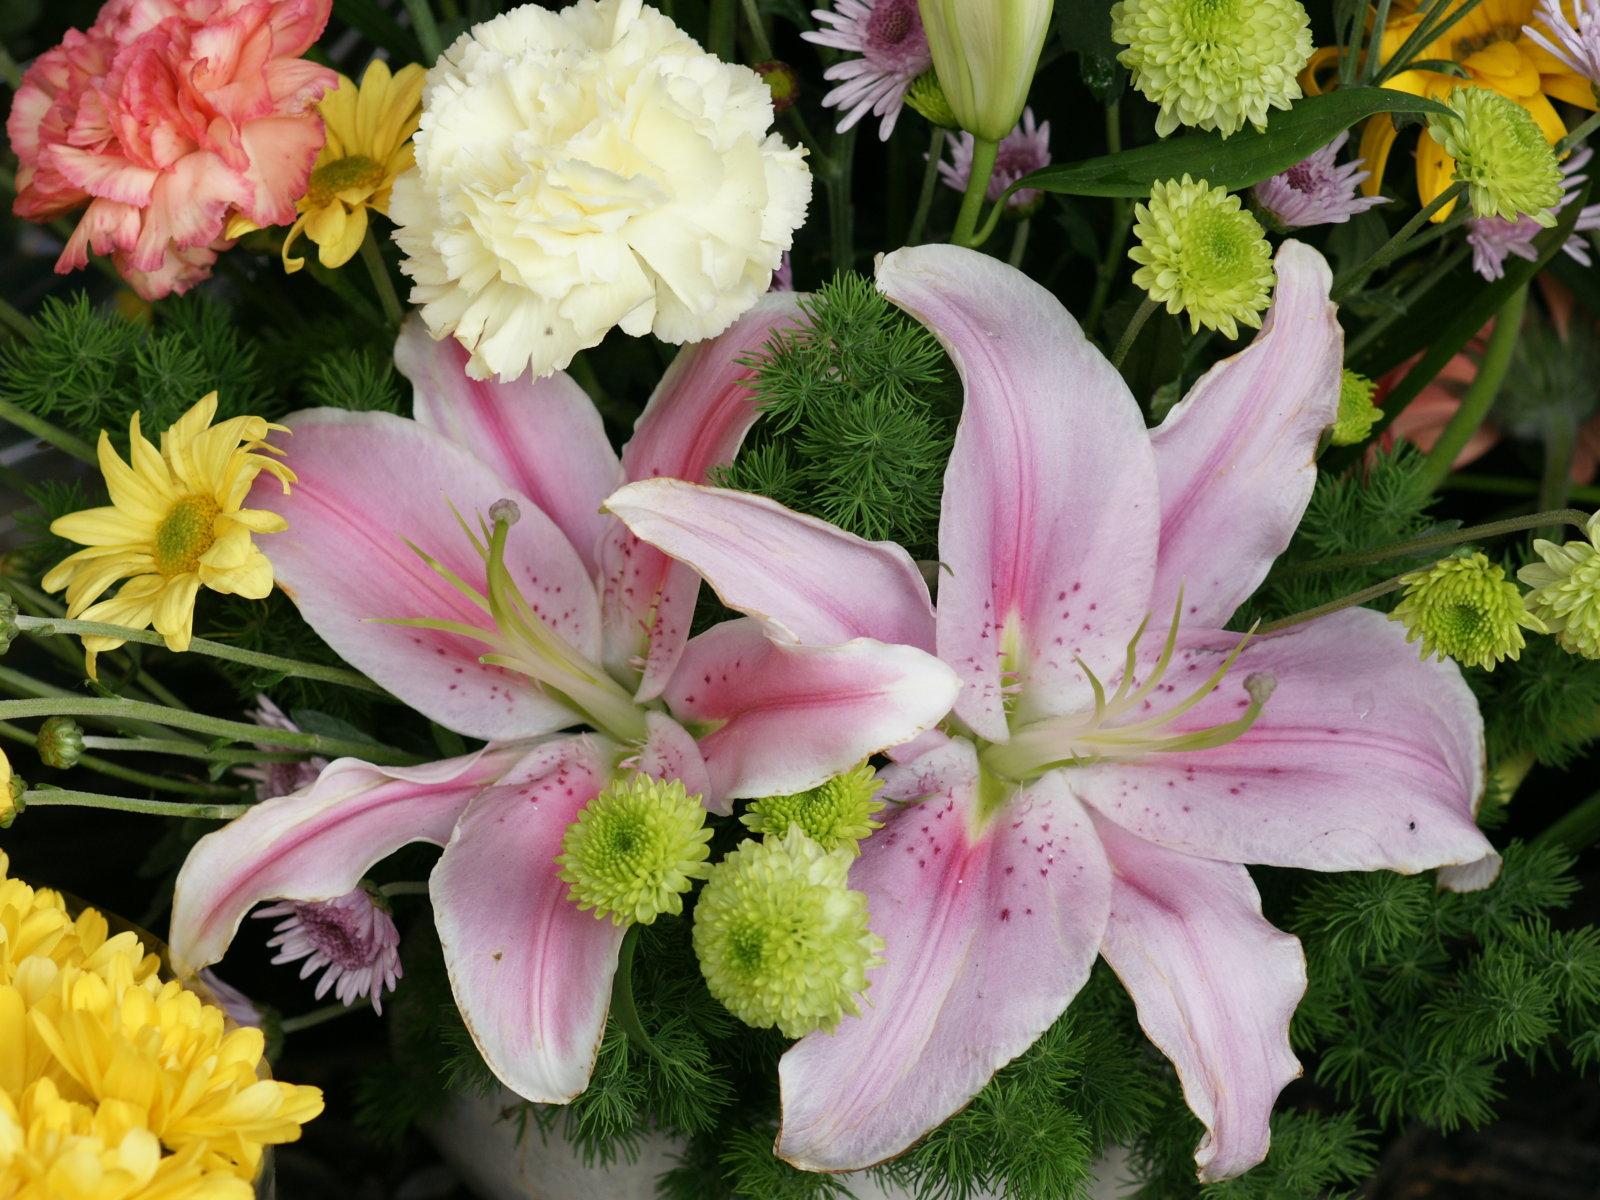 flower wallpaper for women u0026 39 s day